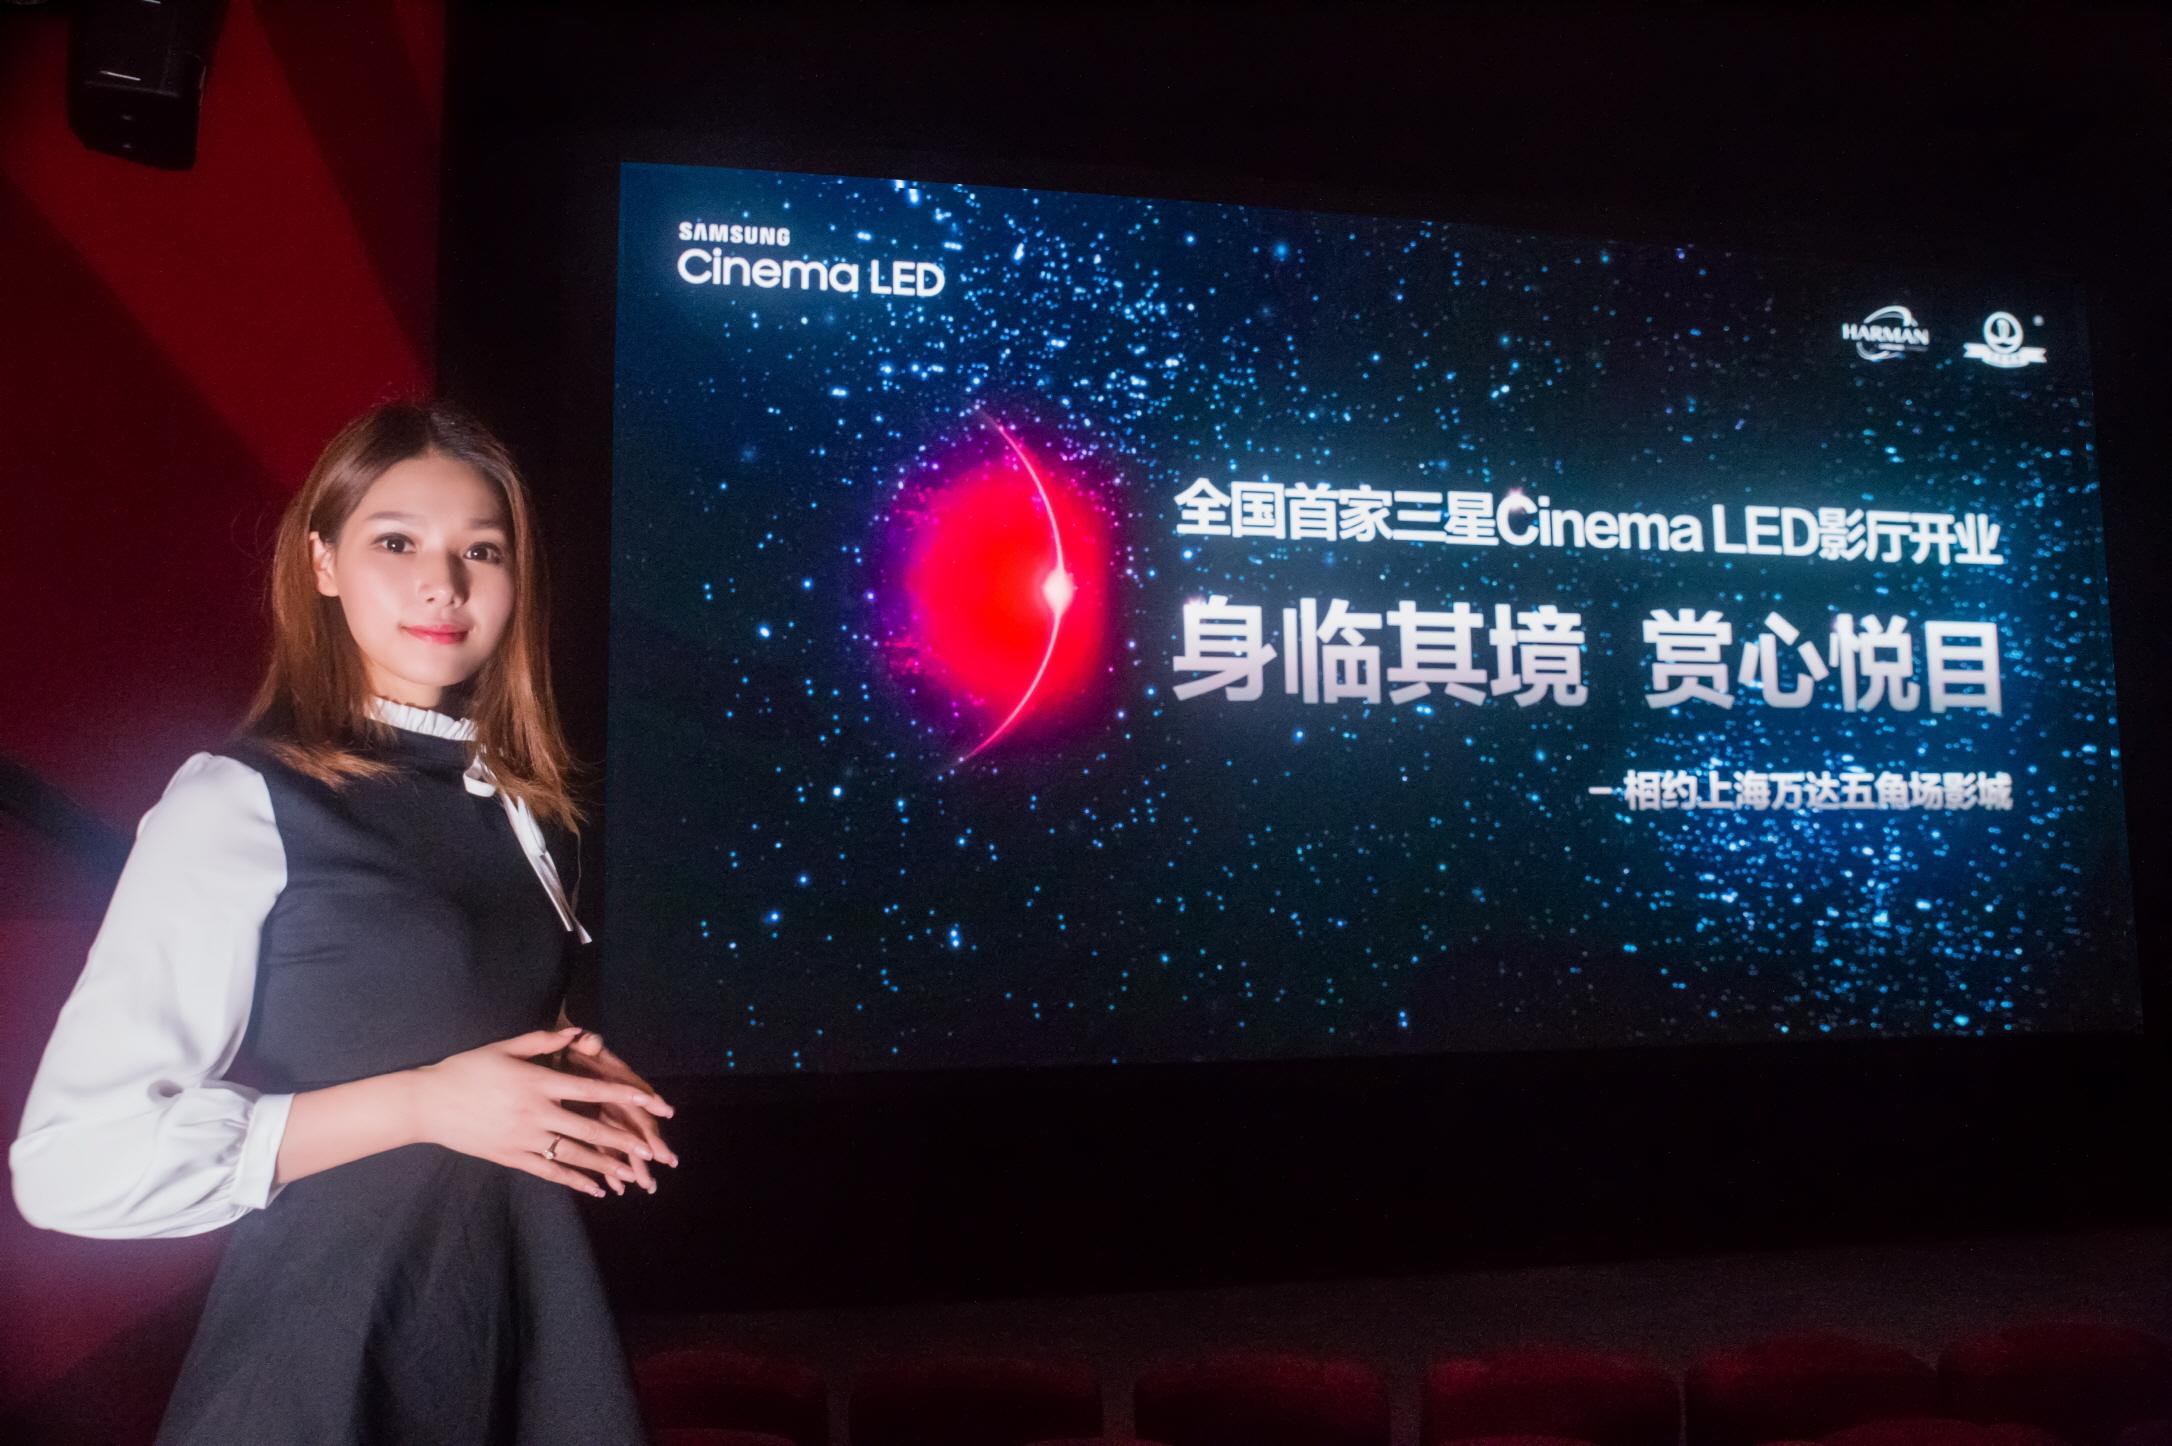 삼성전자-시네마 LED 중국 1호관